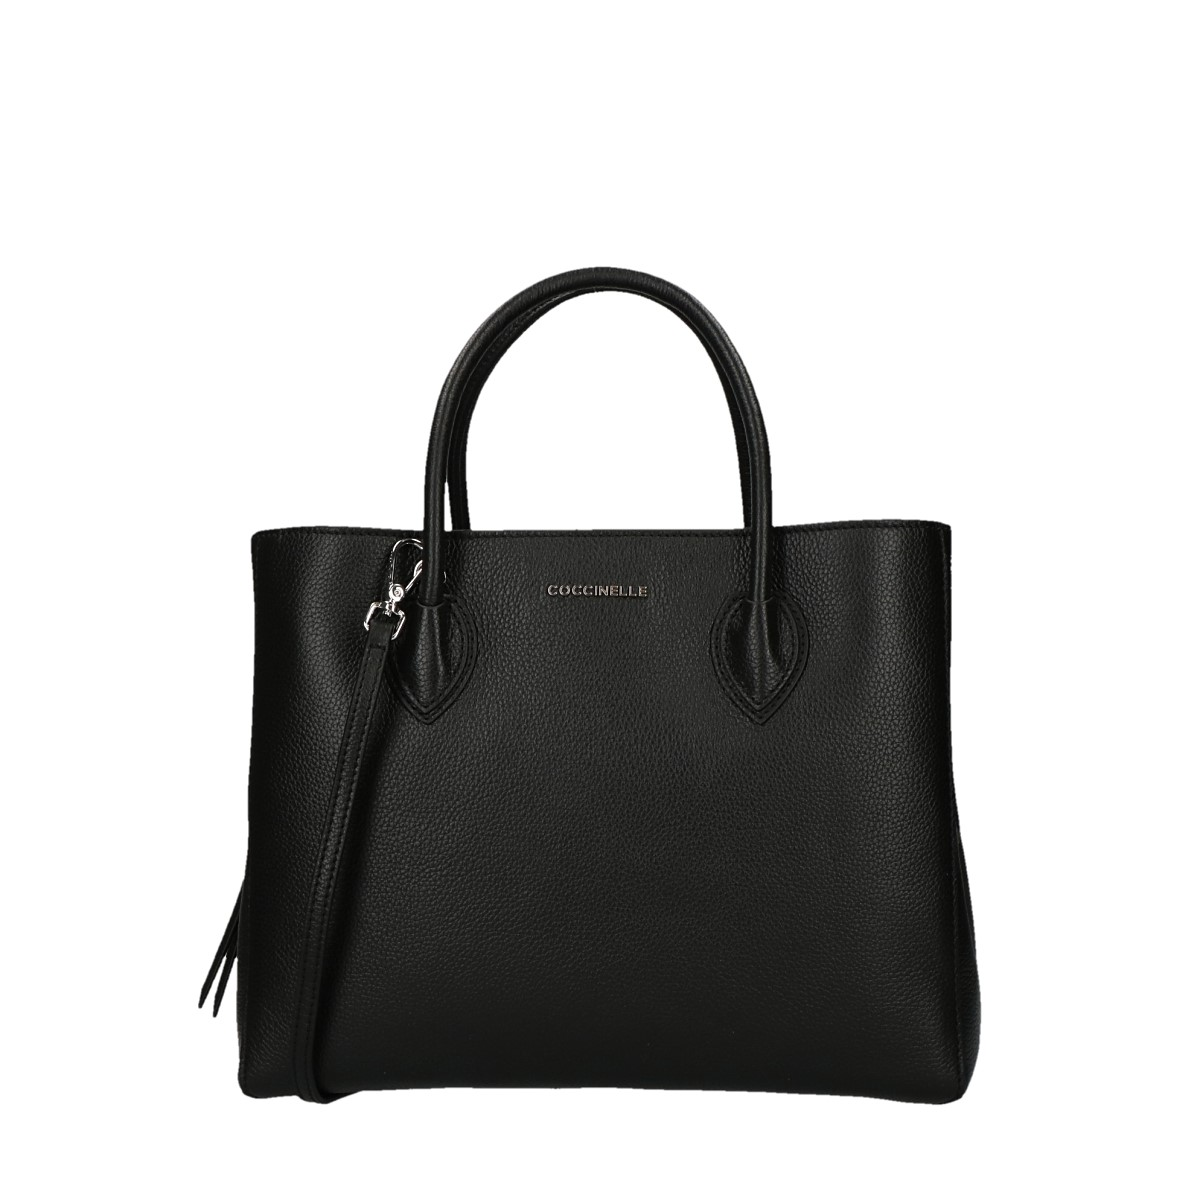 Coccinelle handbag with shoulder strap Farisa Nero.